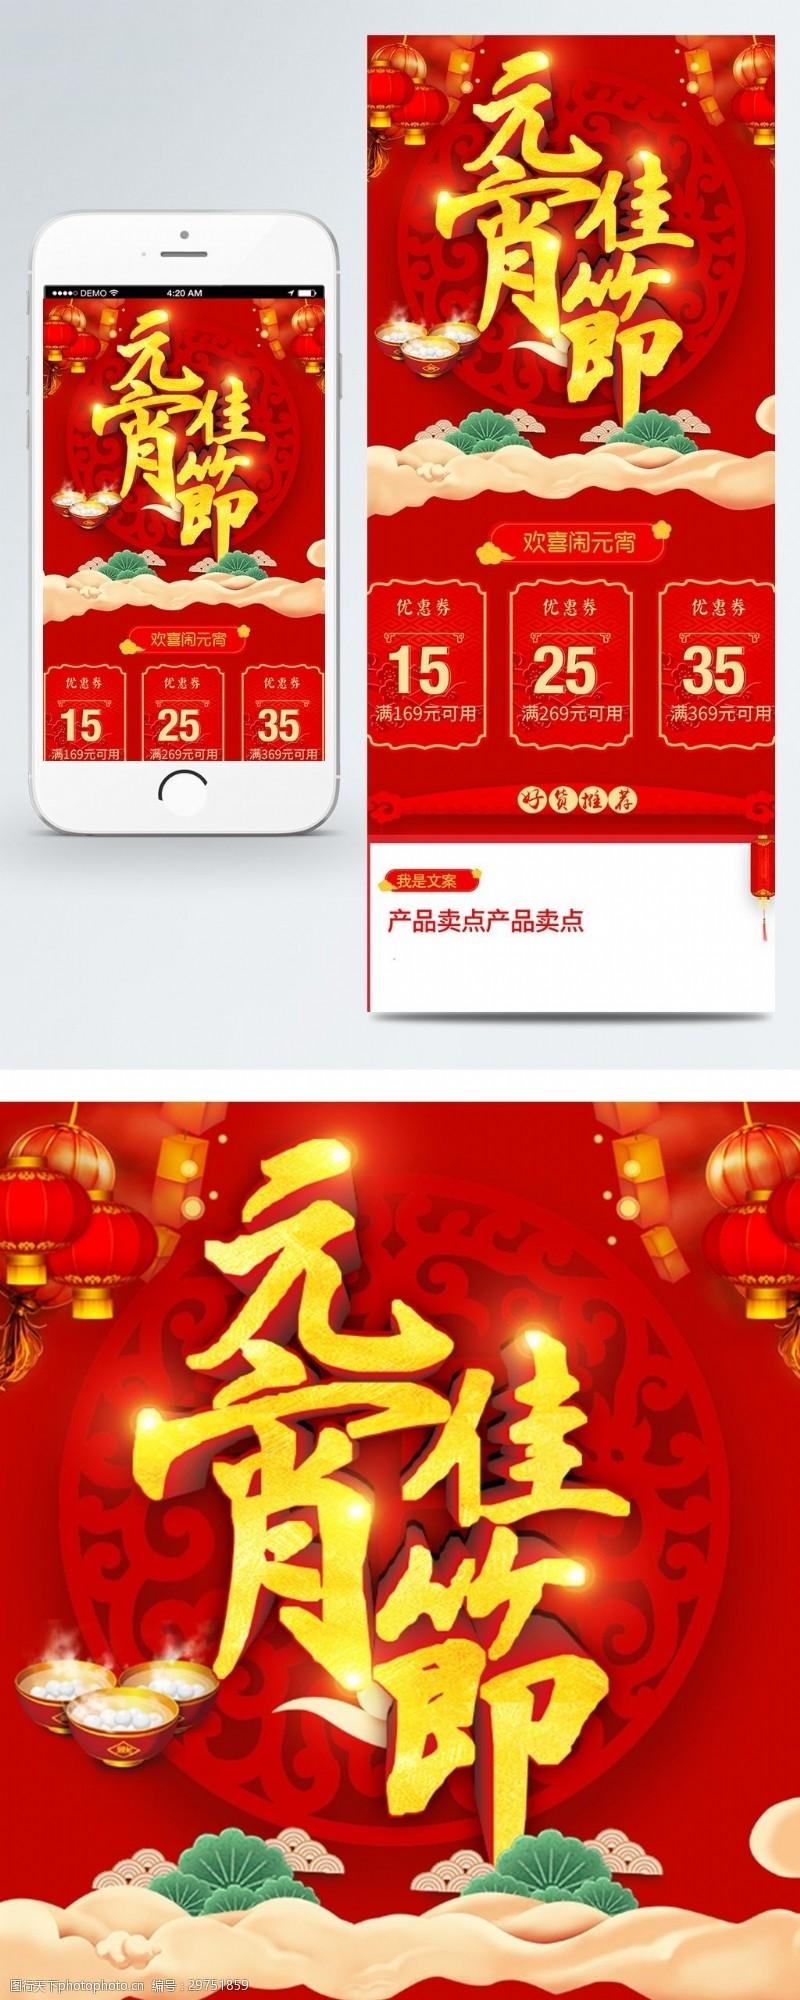 元宵佳节红色背景灯笼祥云松树中国风喜庆节日气氛移动端电商淘宝首页装修模板